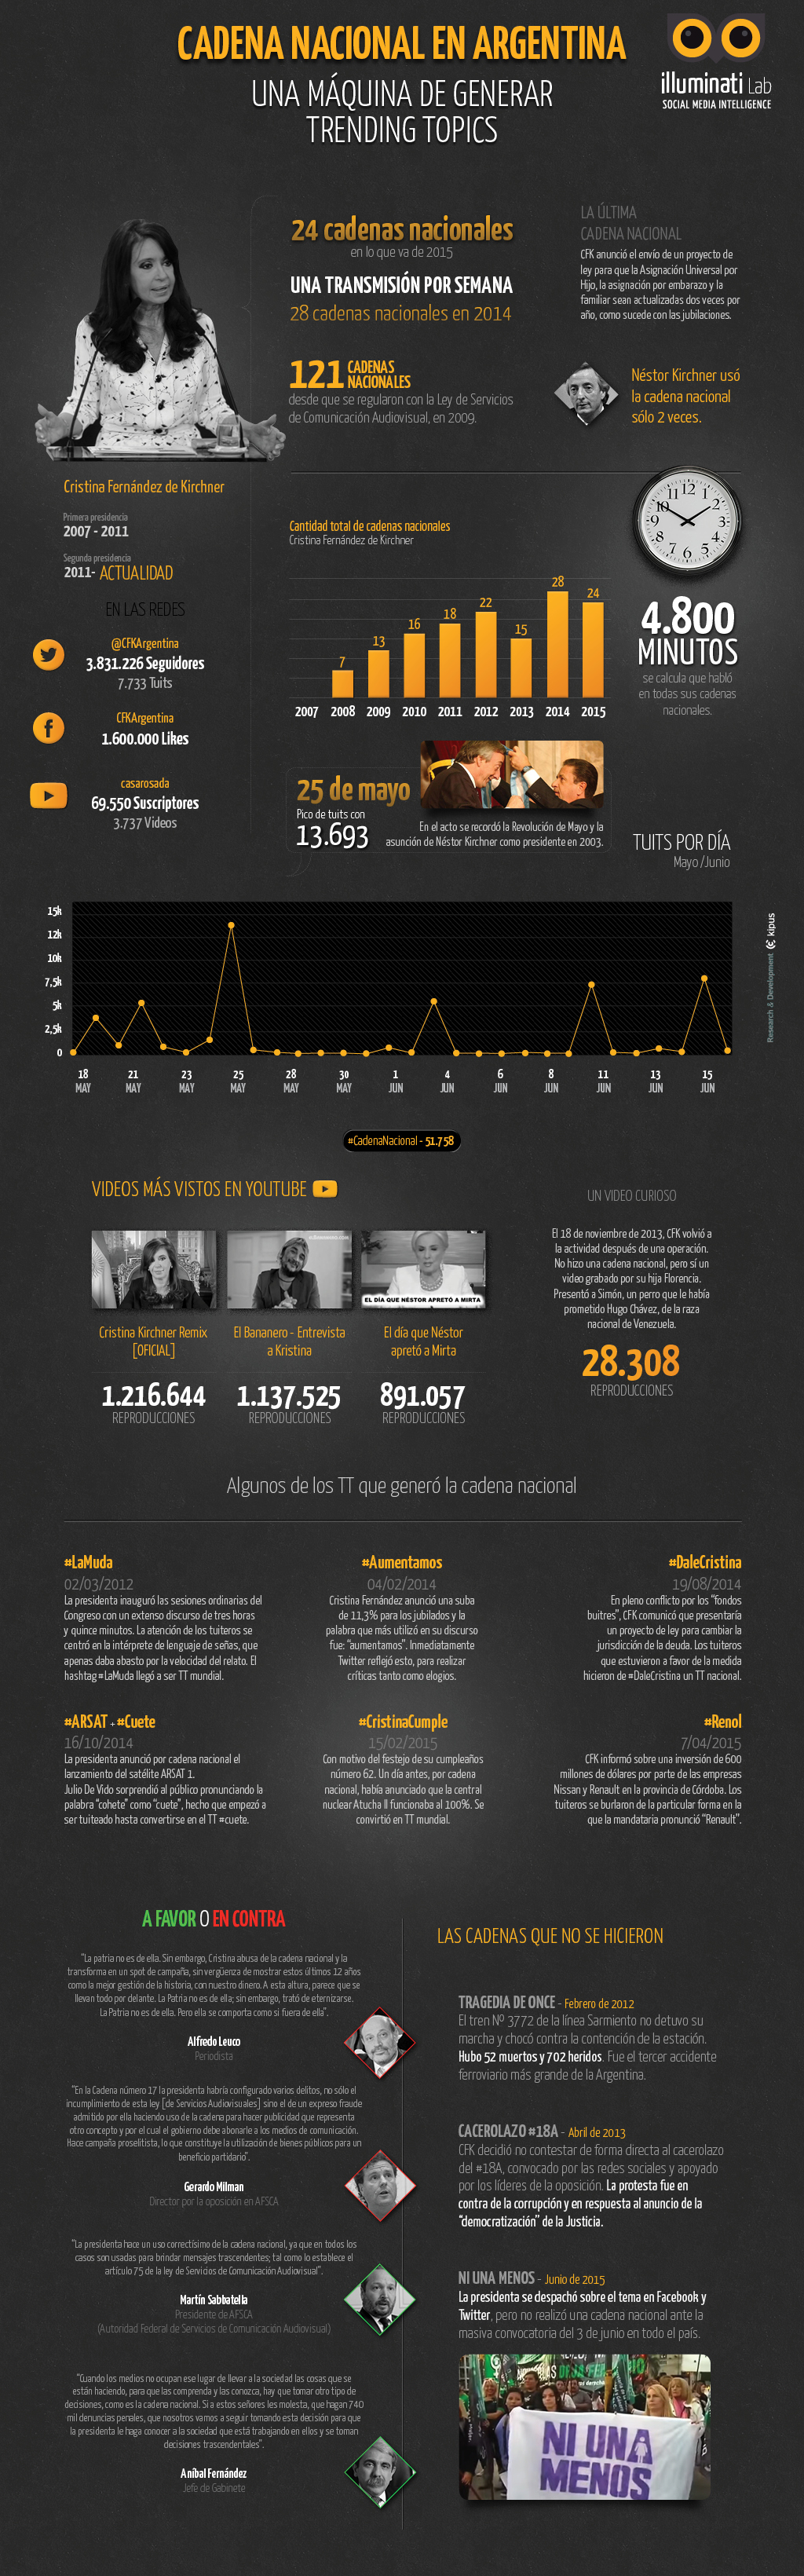 Infografía_-_Cadena_Nacional